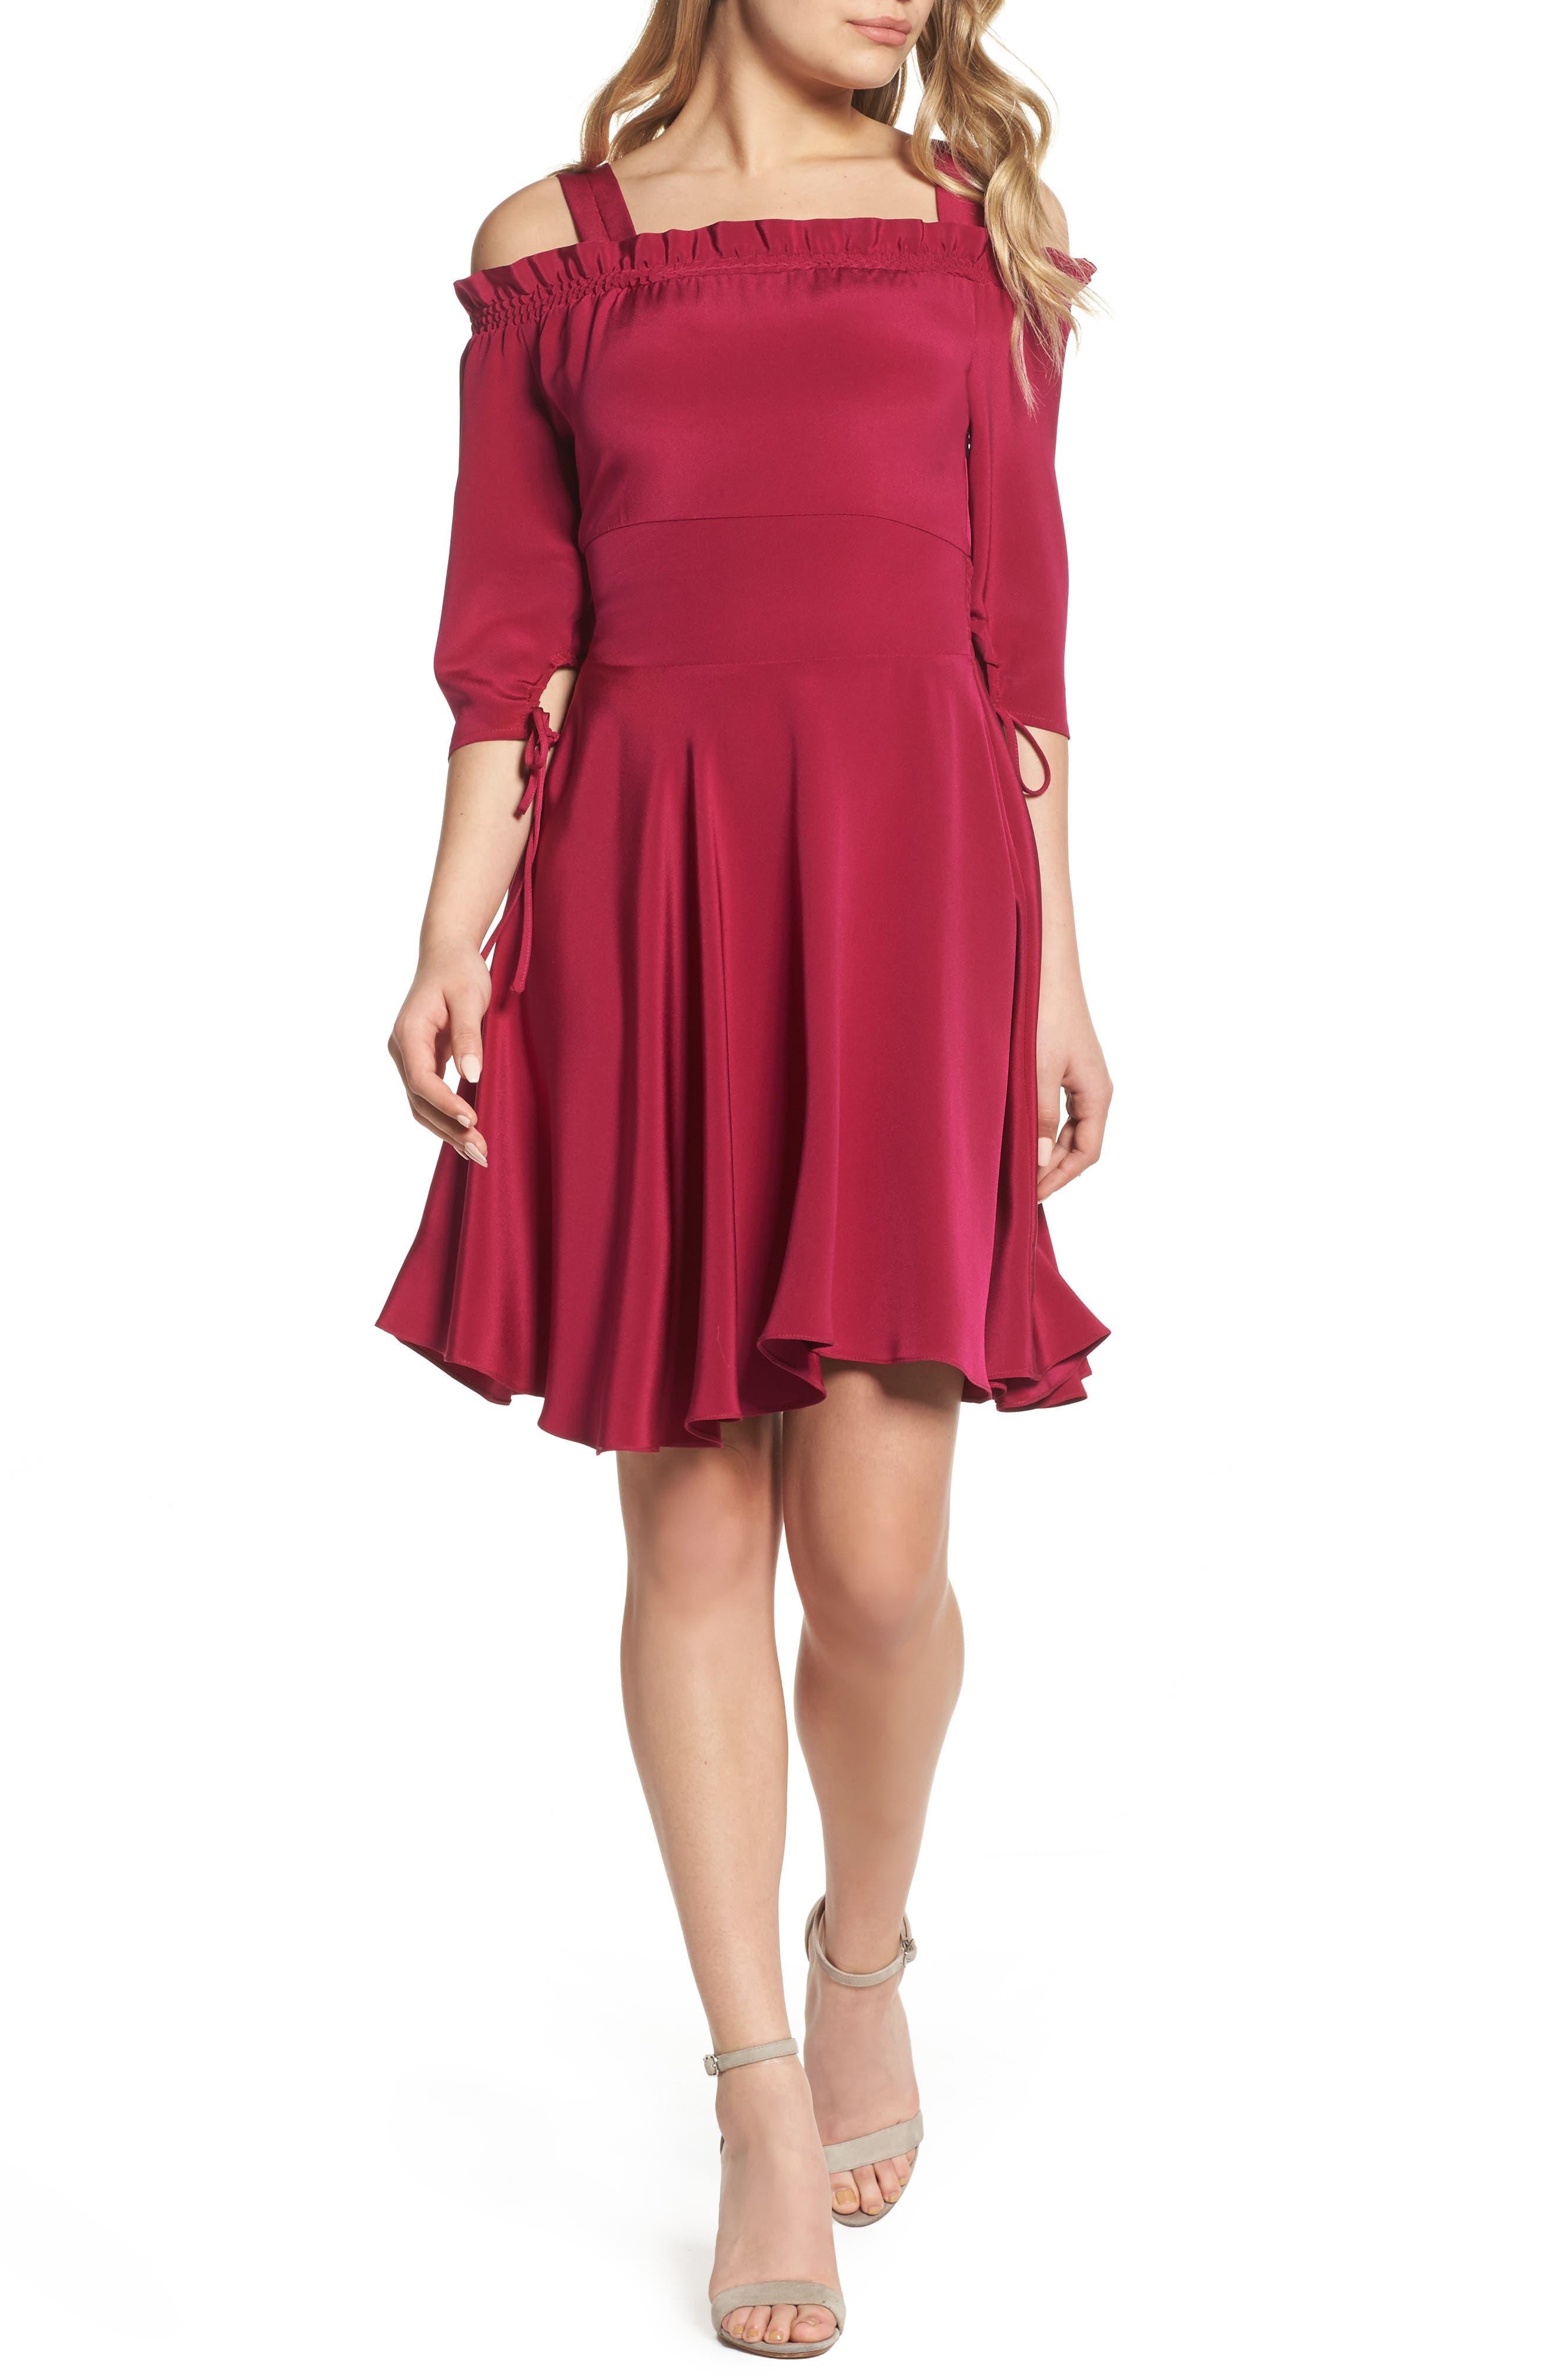 Alternate Image 1 Selected - Sam Edelman Cold Shoulder A-Line Dress